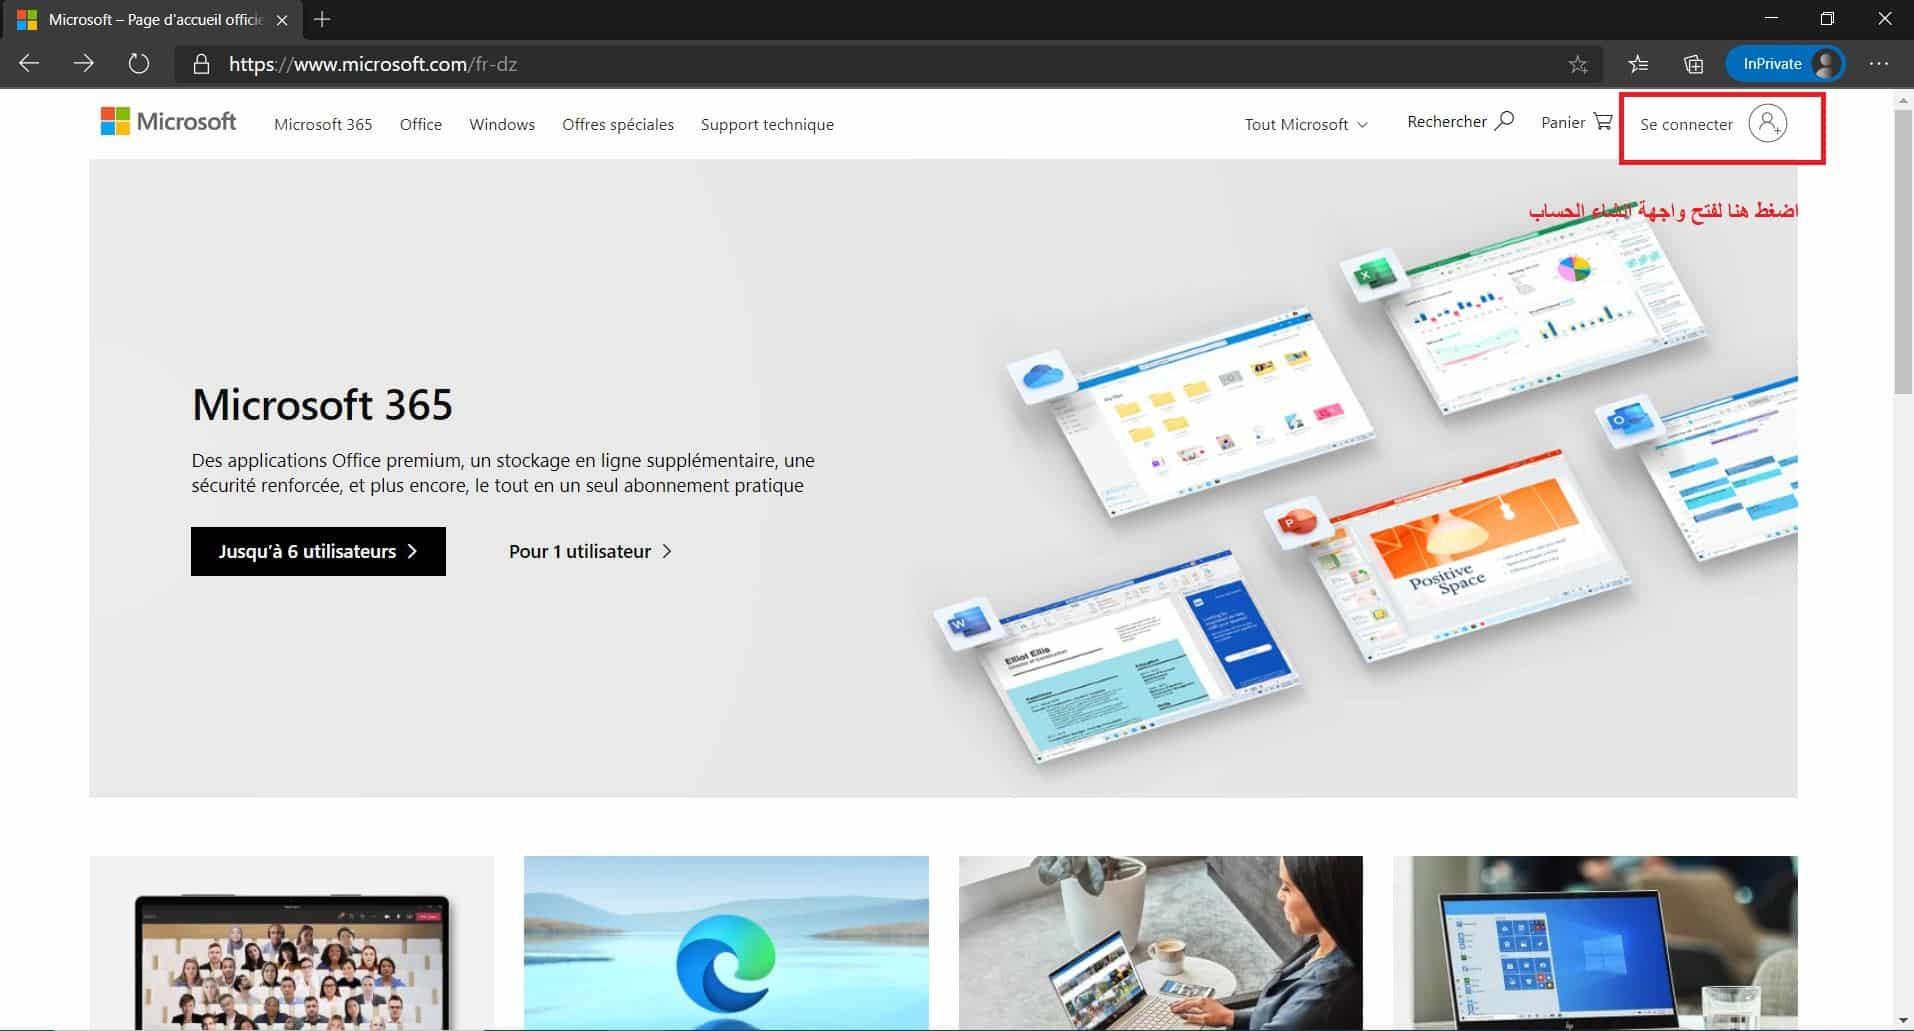 إنشاء حساب هوتميل جديد الدخول الى موقع ميكروسفت